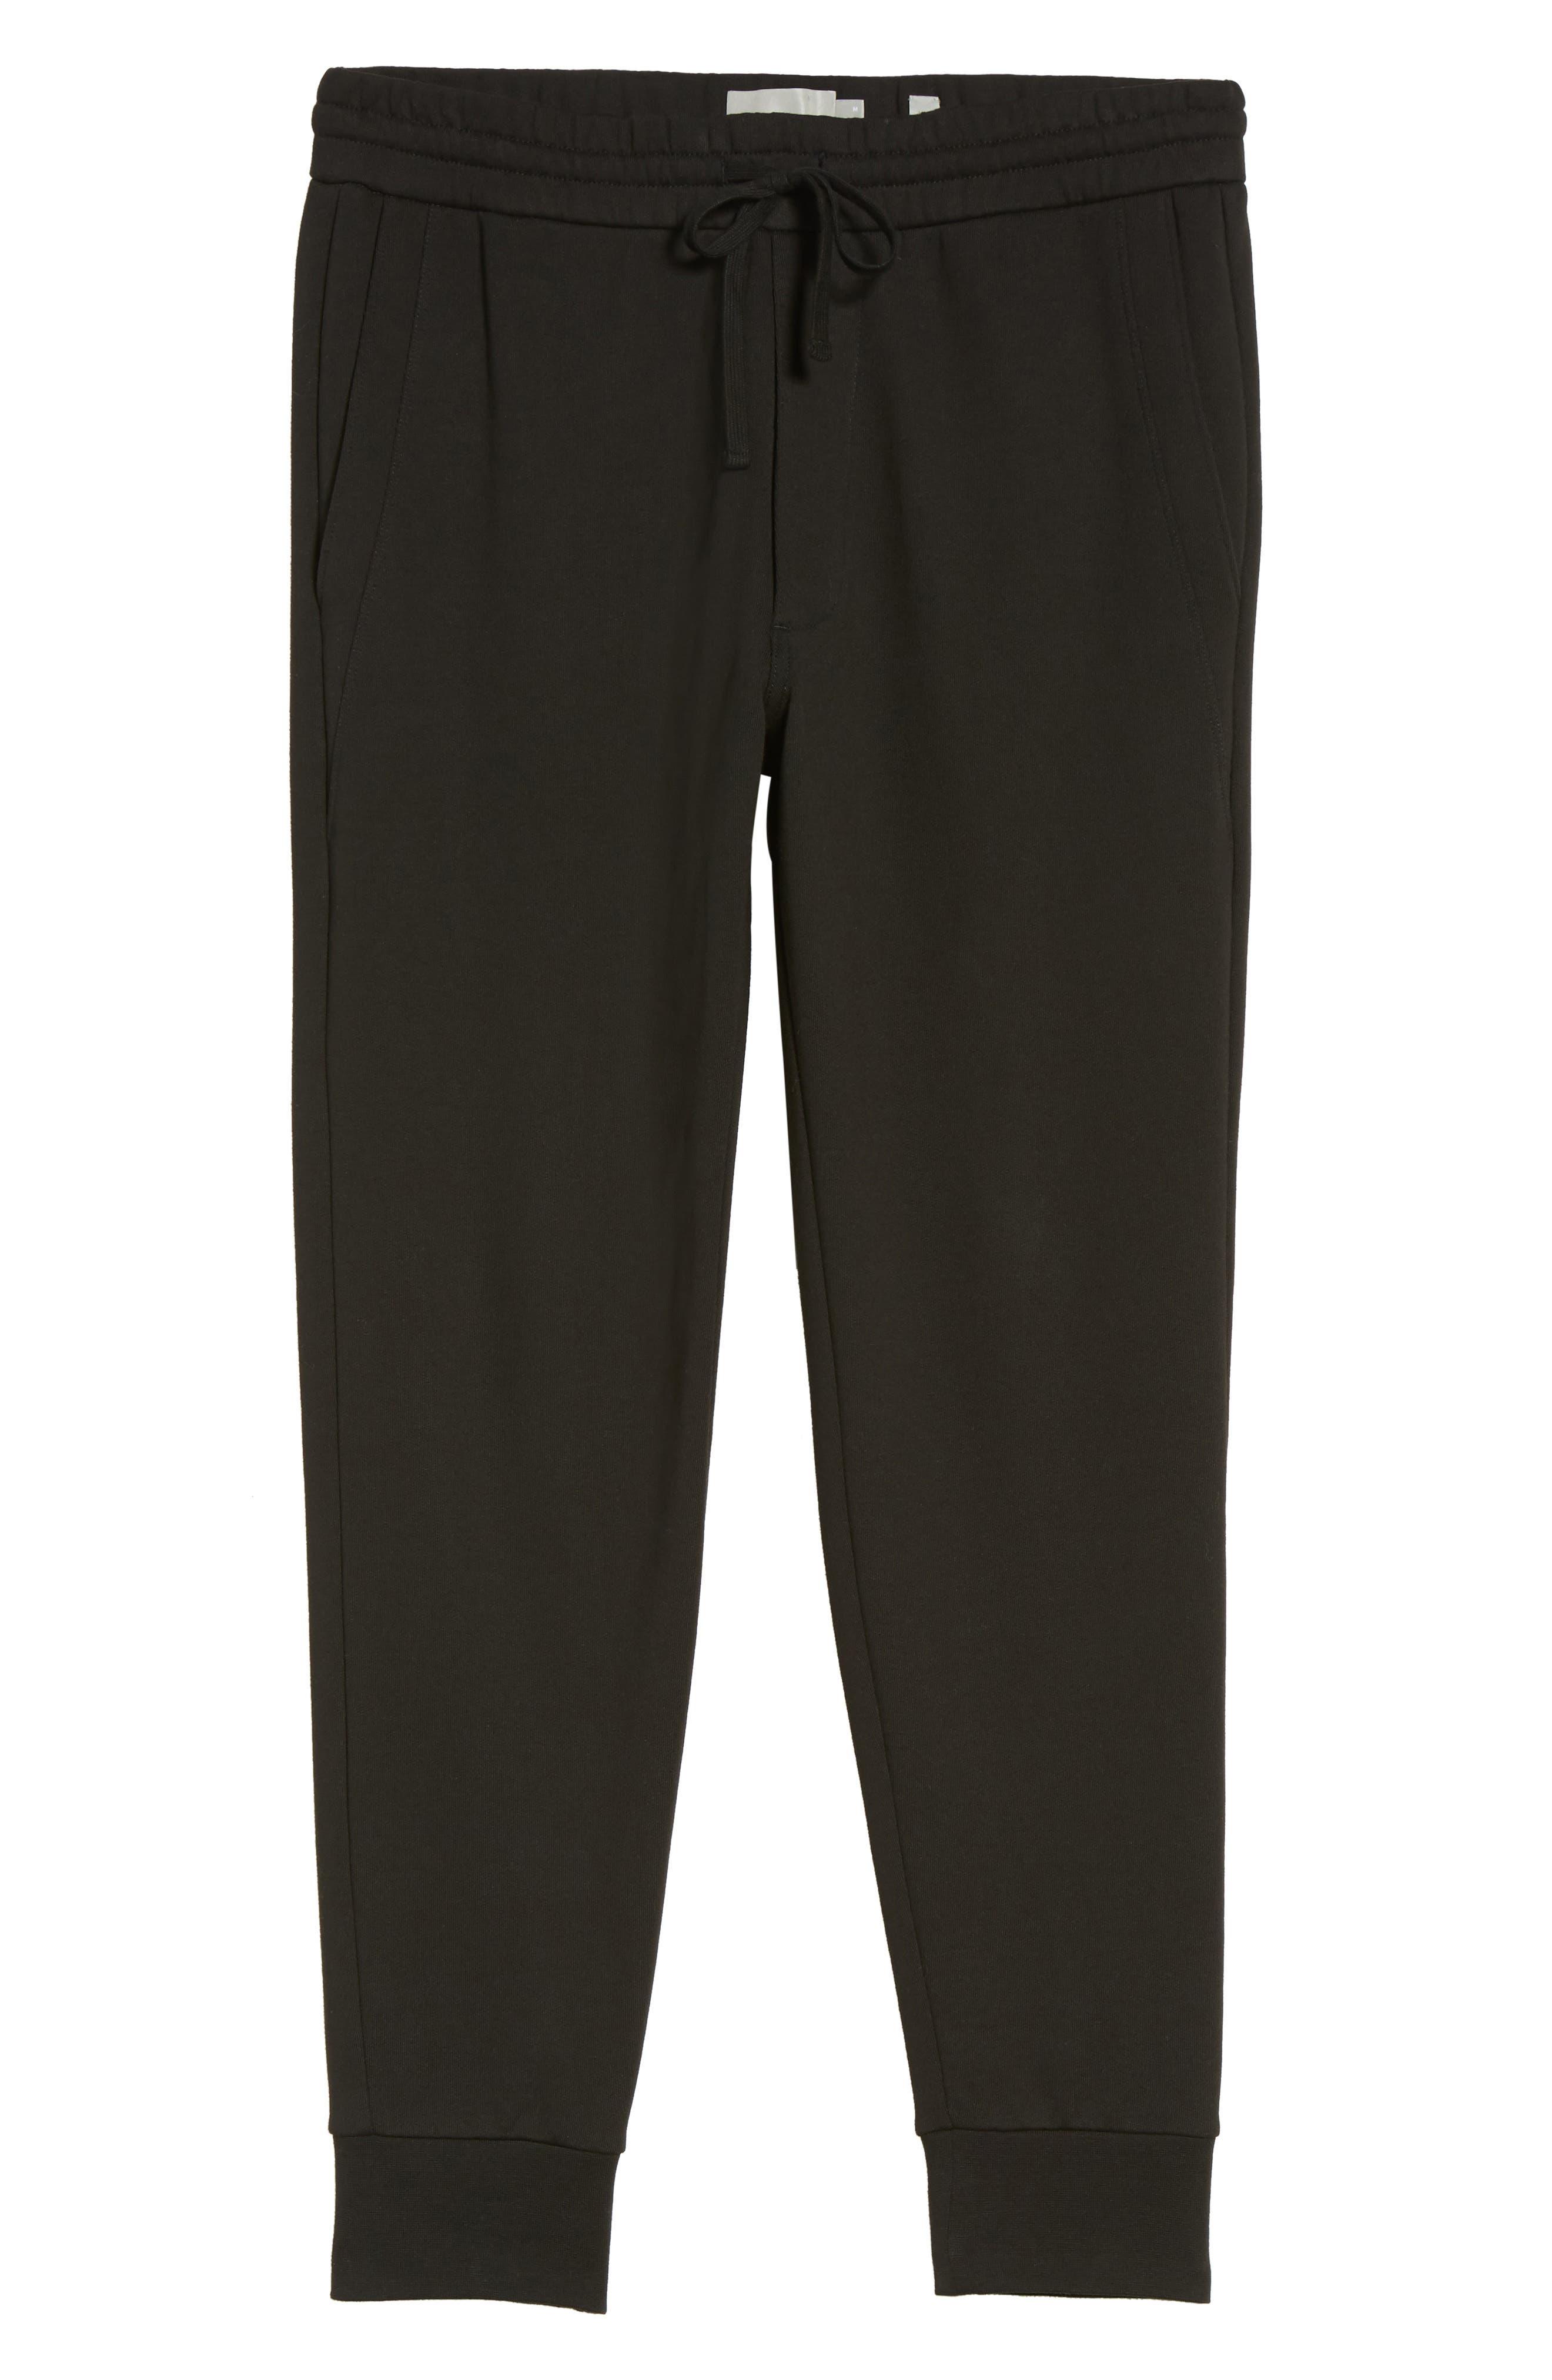 Cotton Sweatpants,                             Alternate thumbnail 6, color,                             001